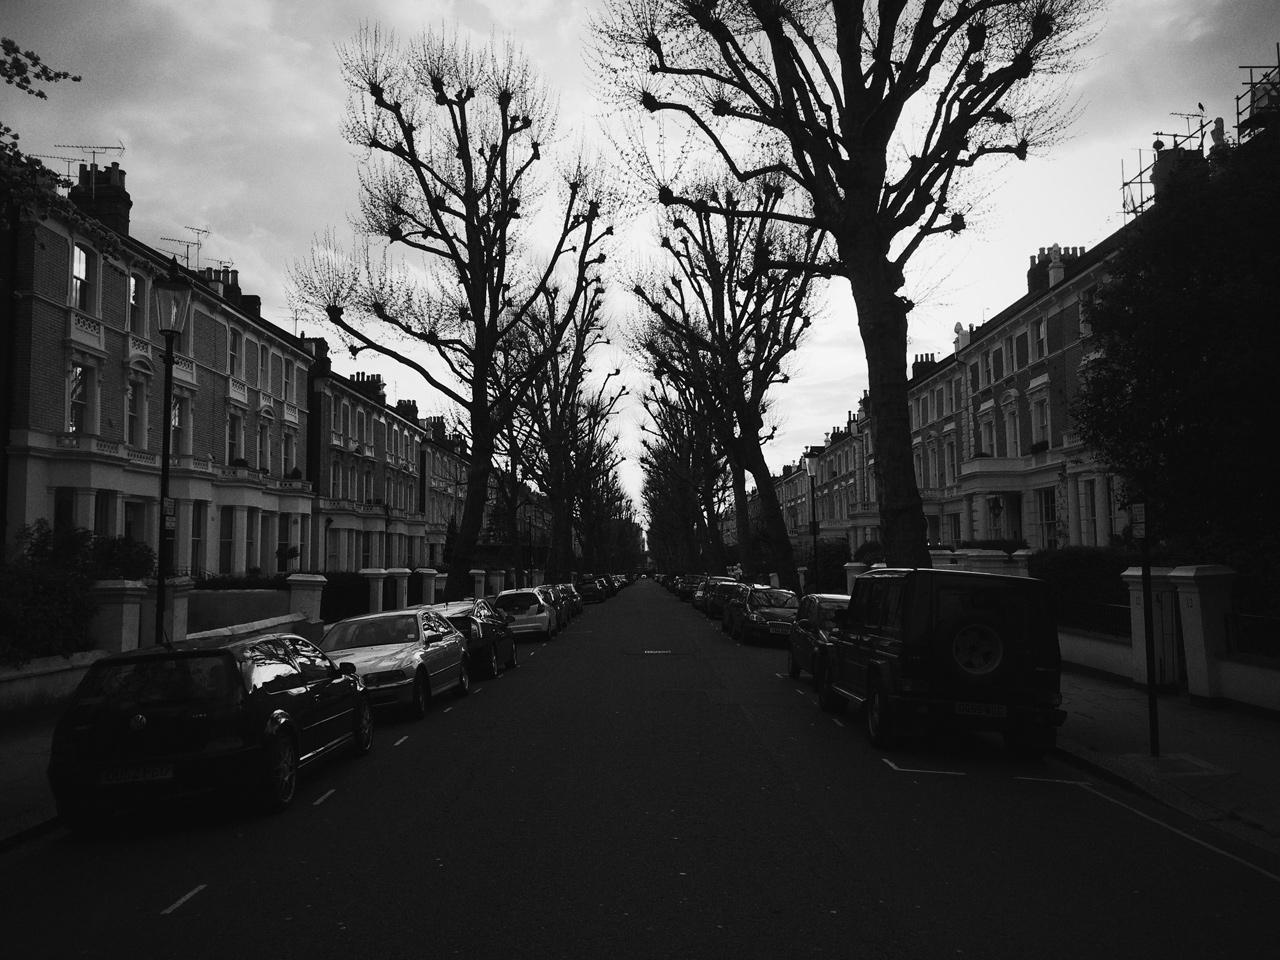 uma rua vazia num bairro residencial em londres